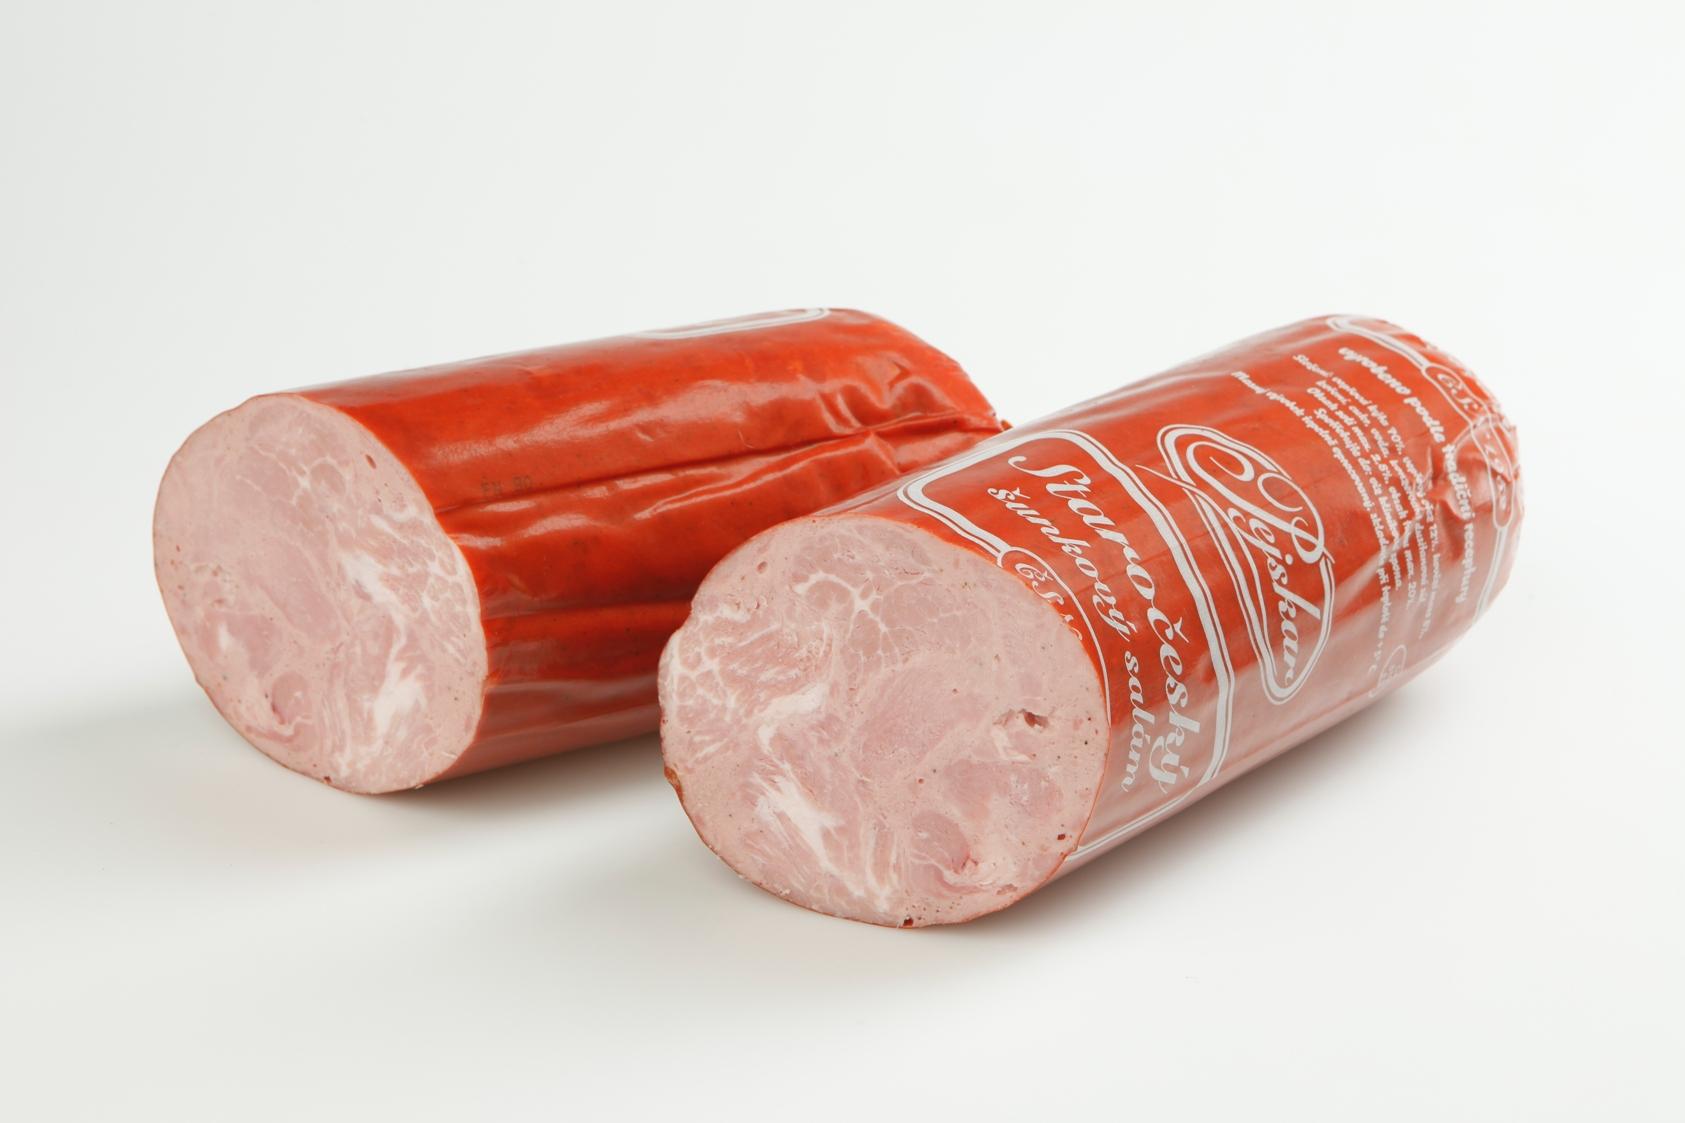 Značka Pejskar – Staročeský šunkový salám B